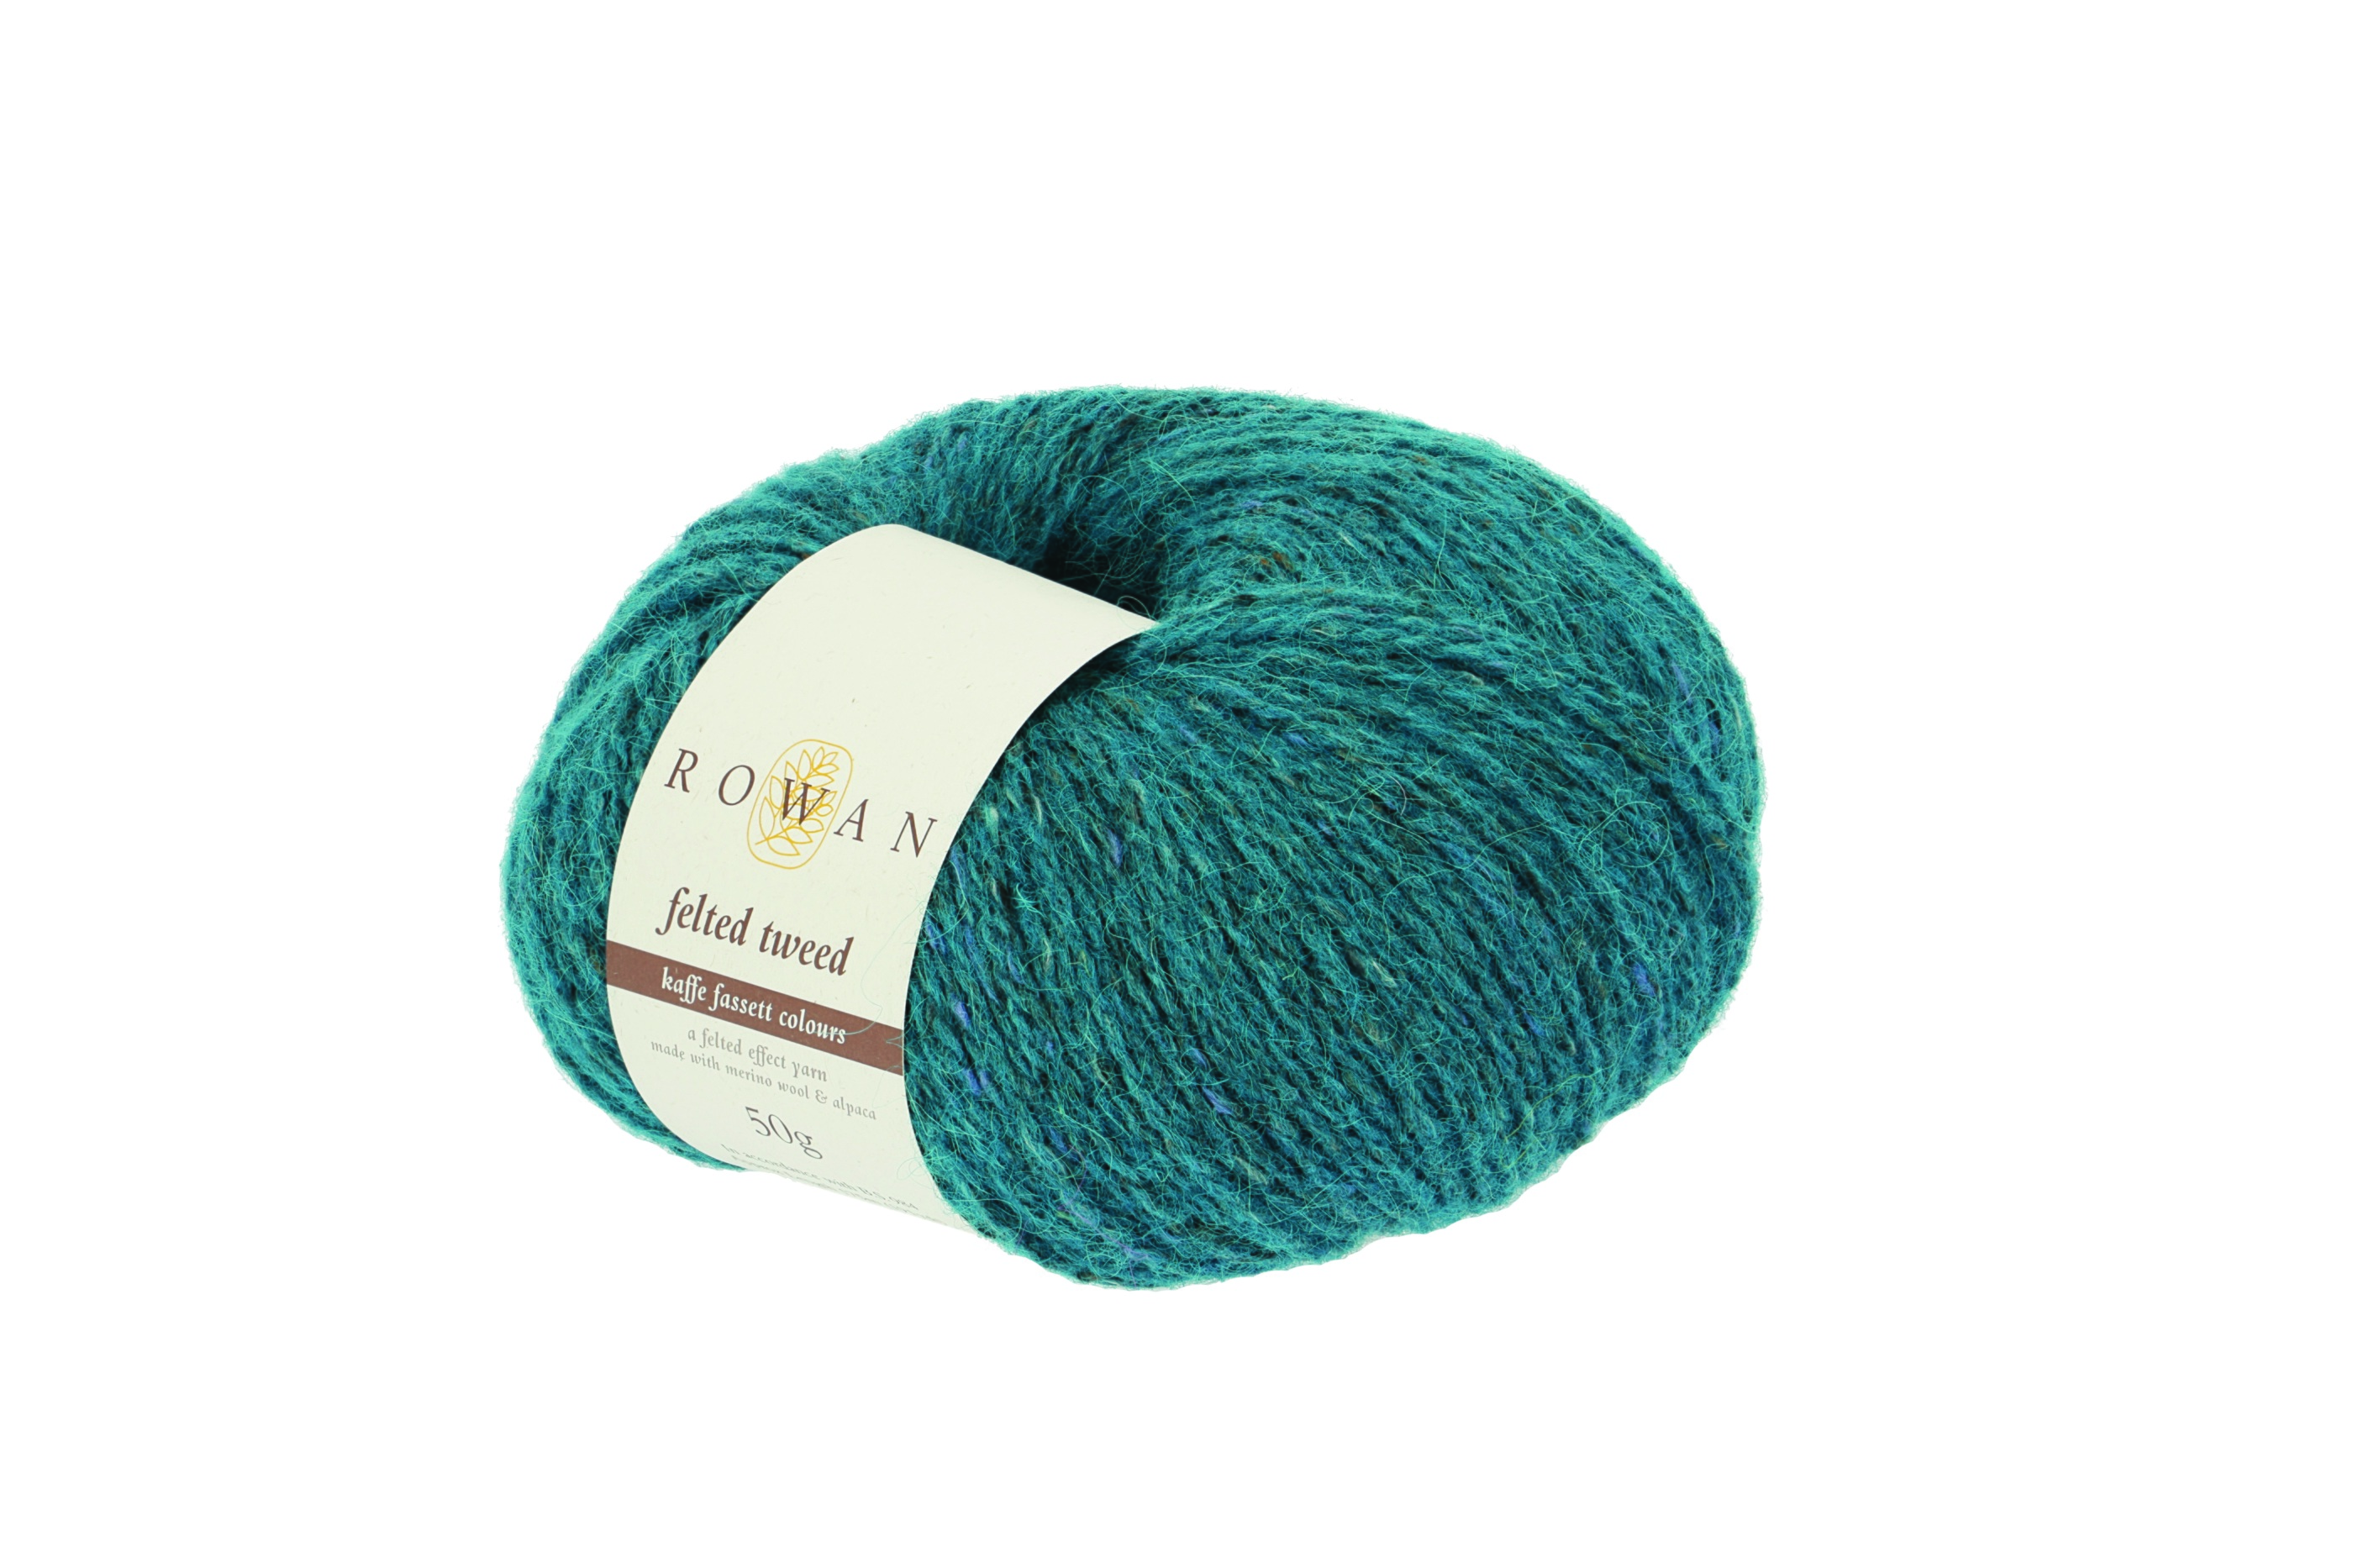 Rowan FT Turquoise 202